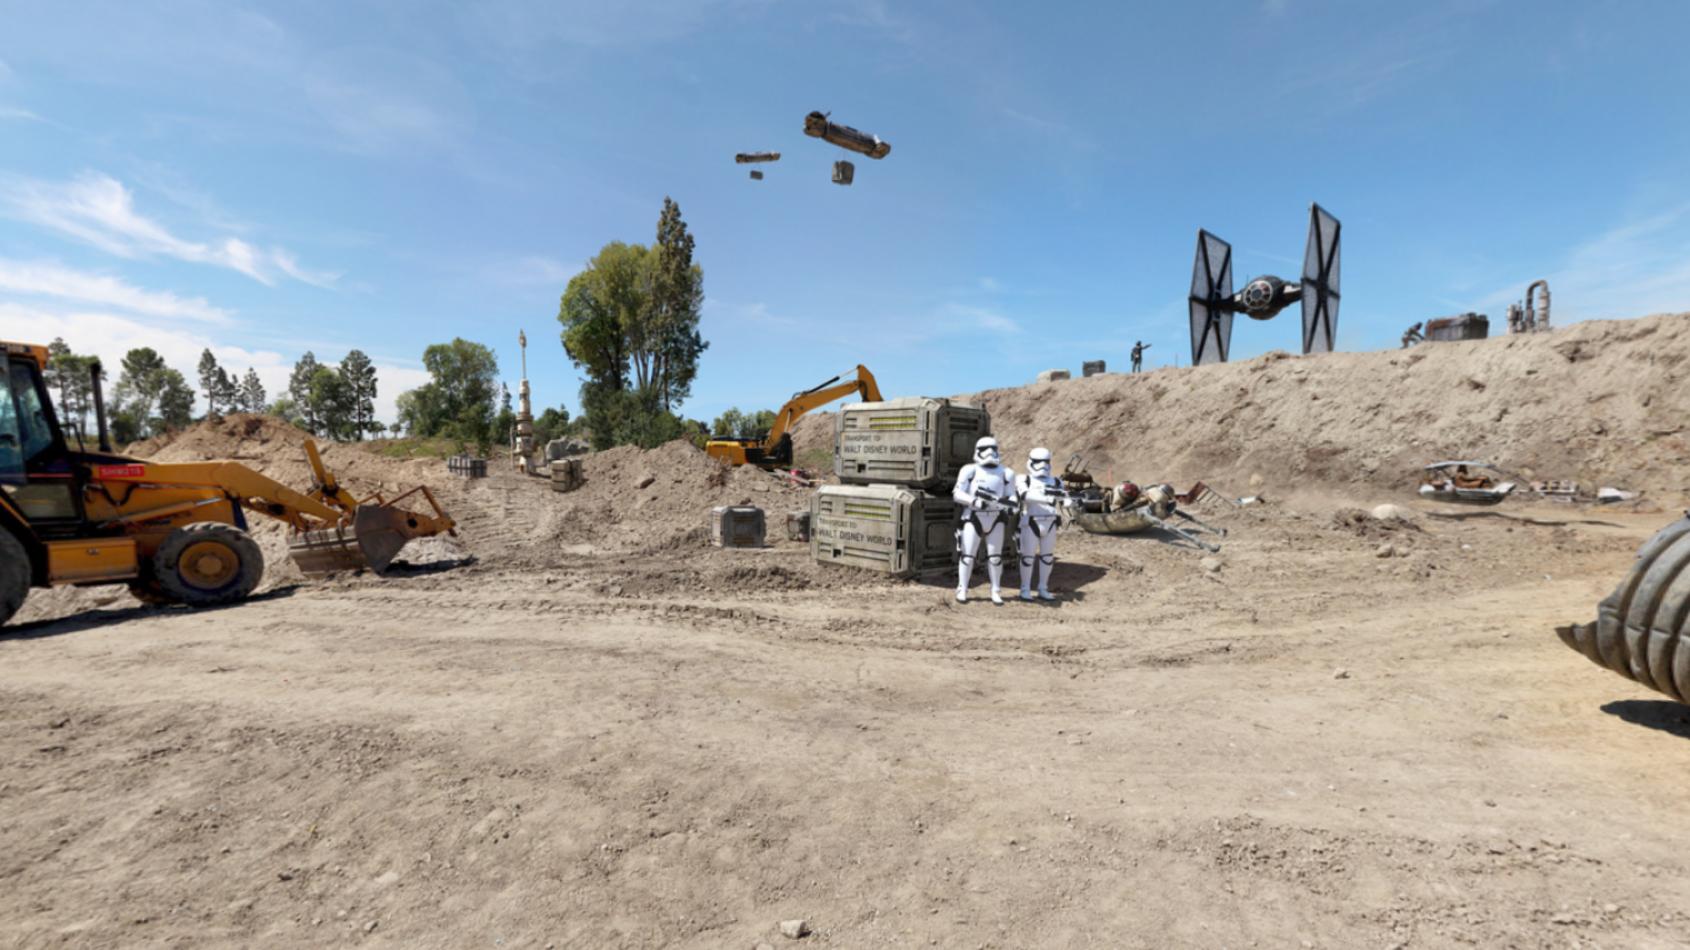 Et si la Force était réellement dans Star Wars Land ?